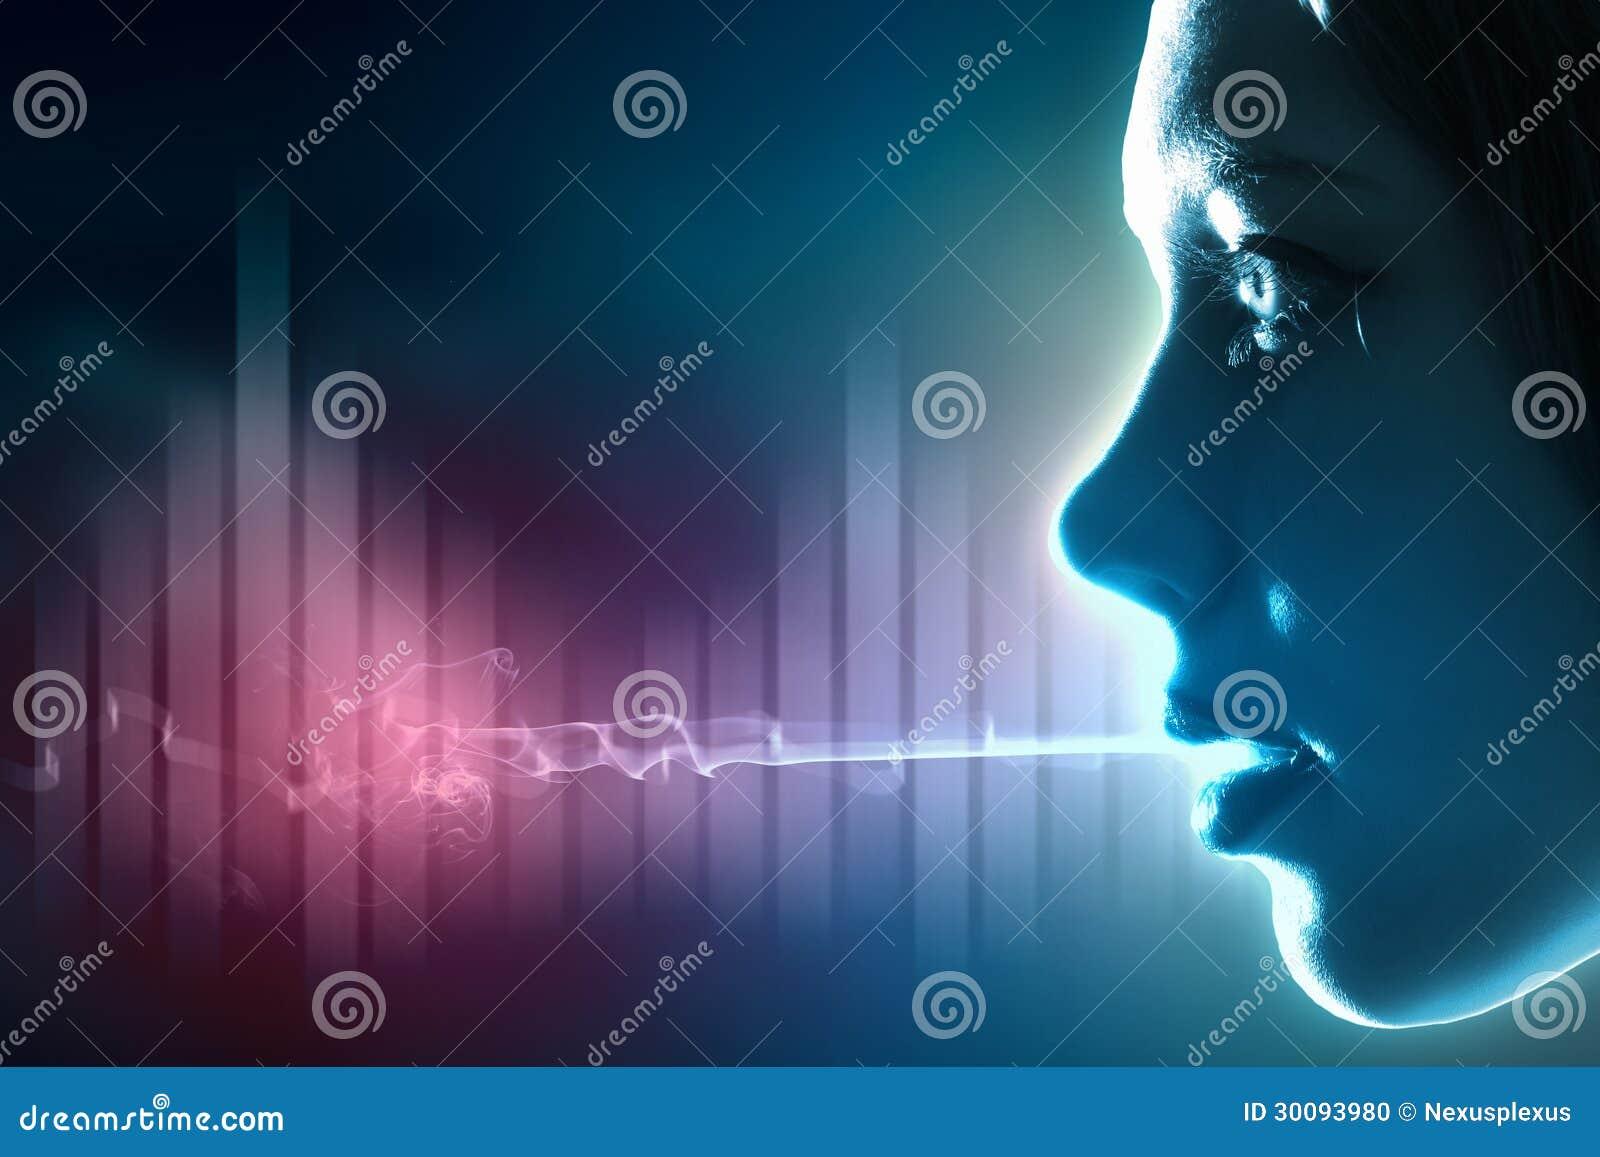 Illustrazione dell onda sonora